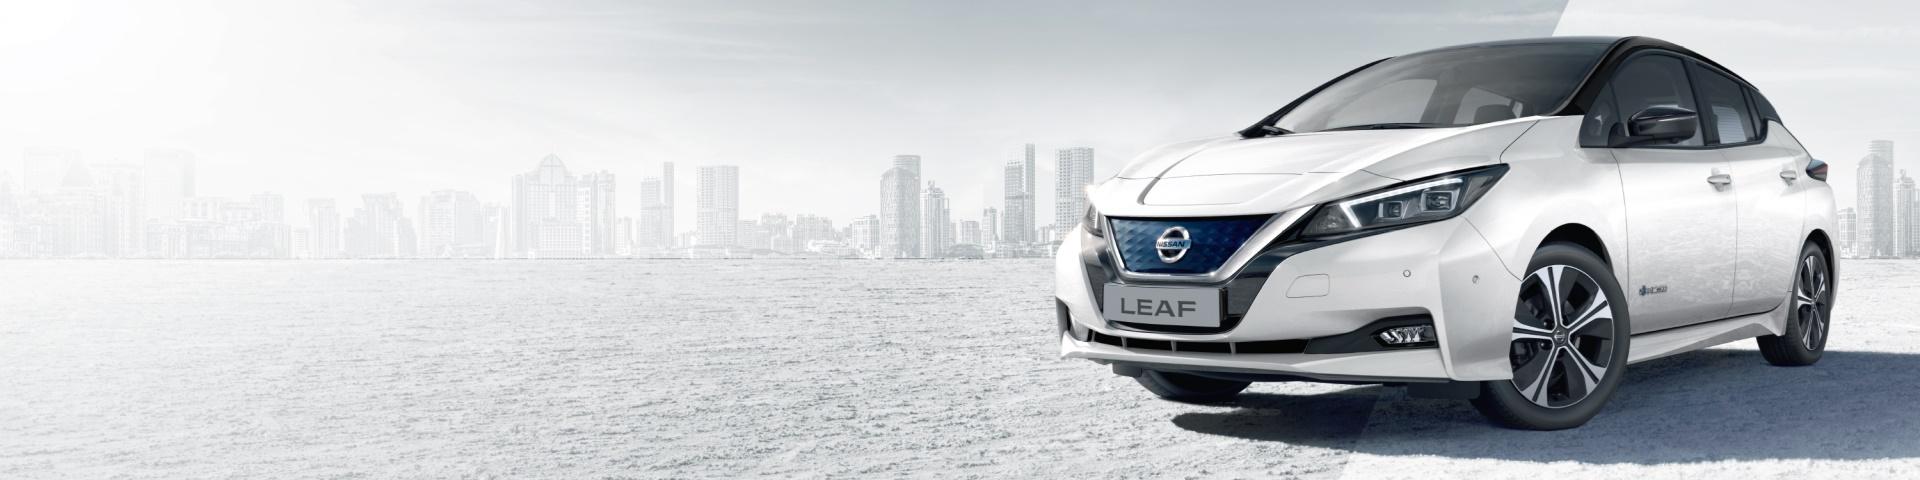 Nissan Leaf teszt (2018) – Az első igazán élhető elektromos autó